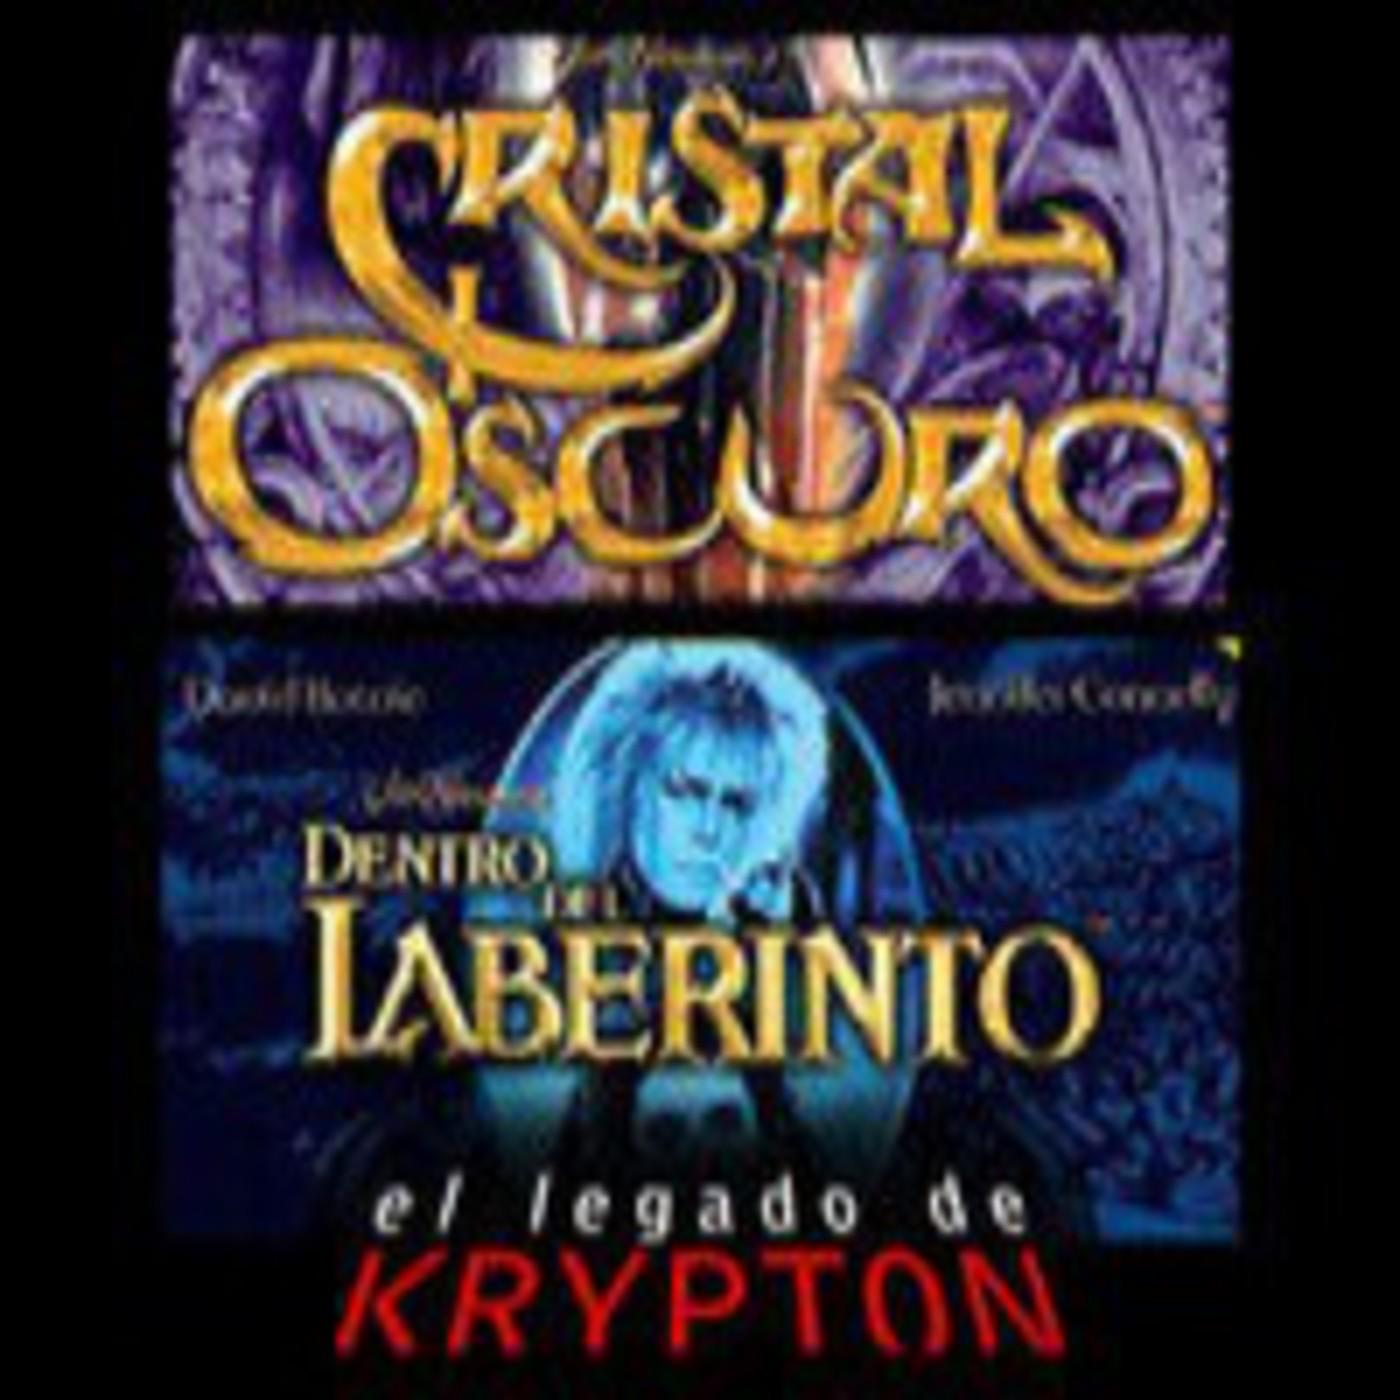 El legado de Krypton - Dentro del laberinto y El cristal oscuro